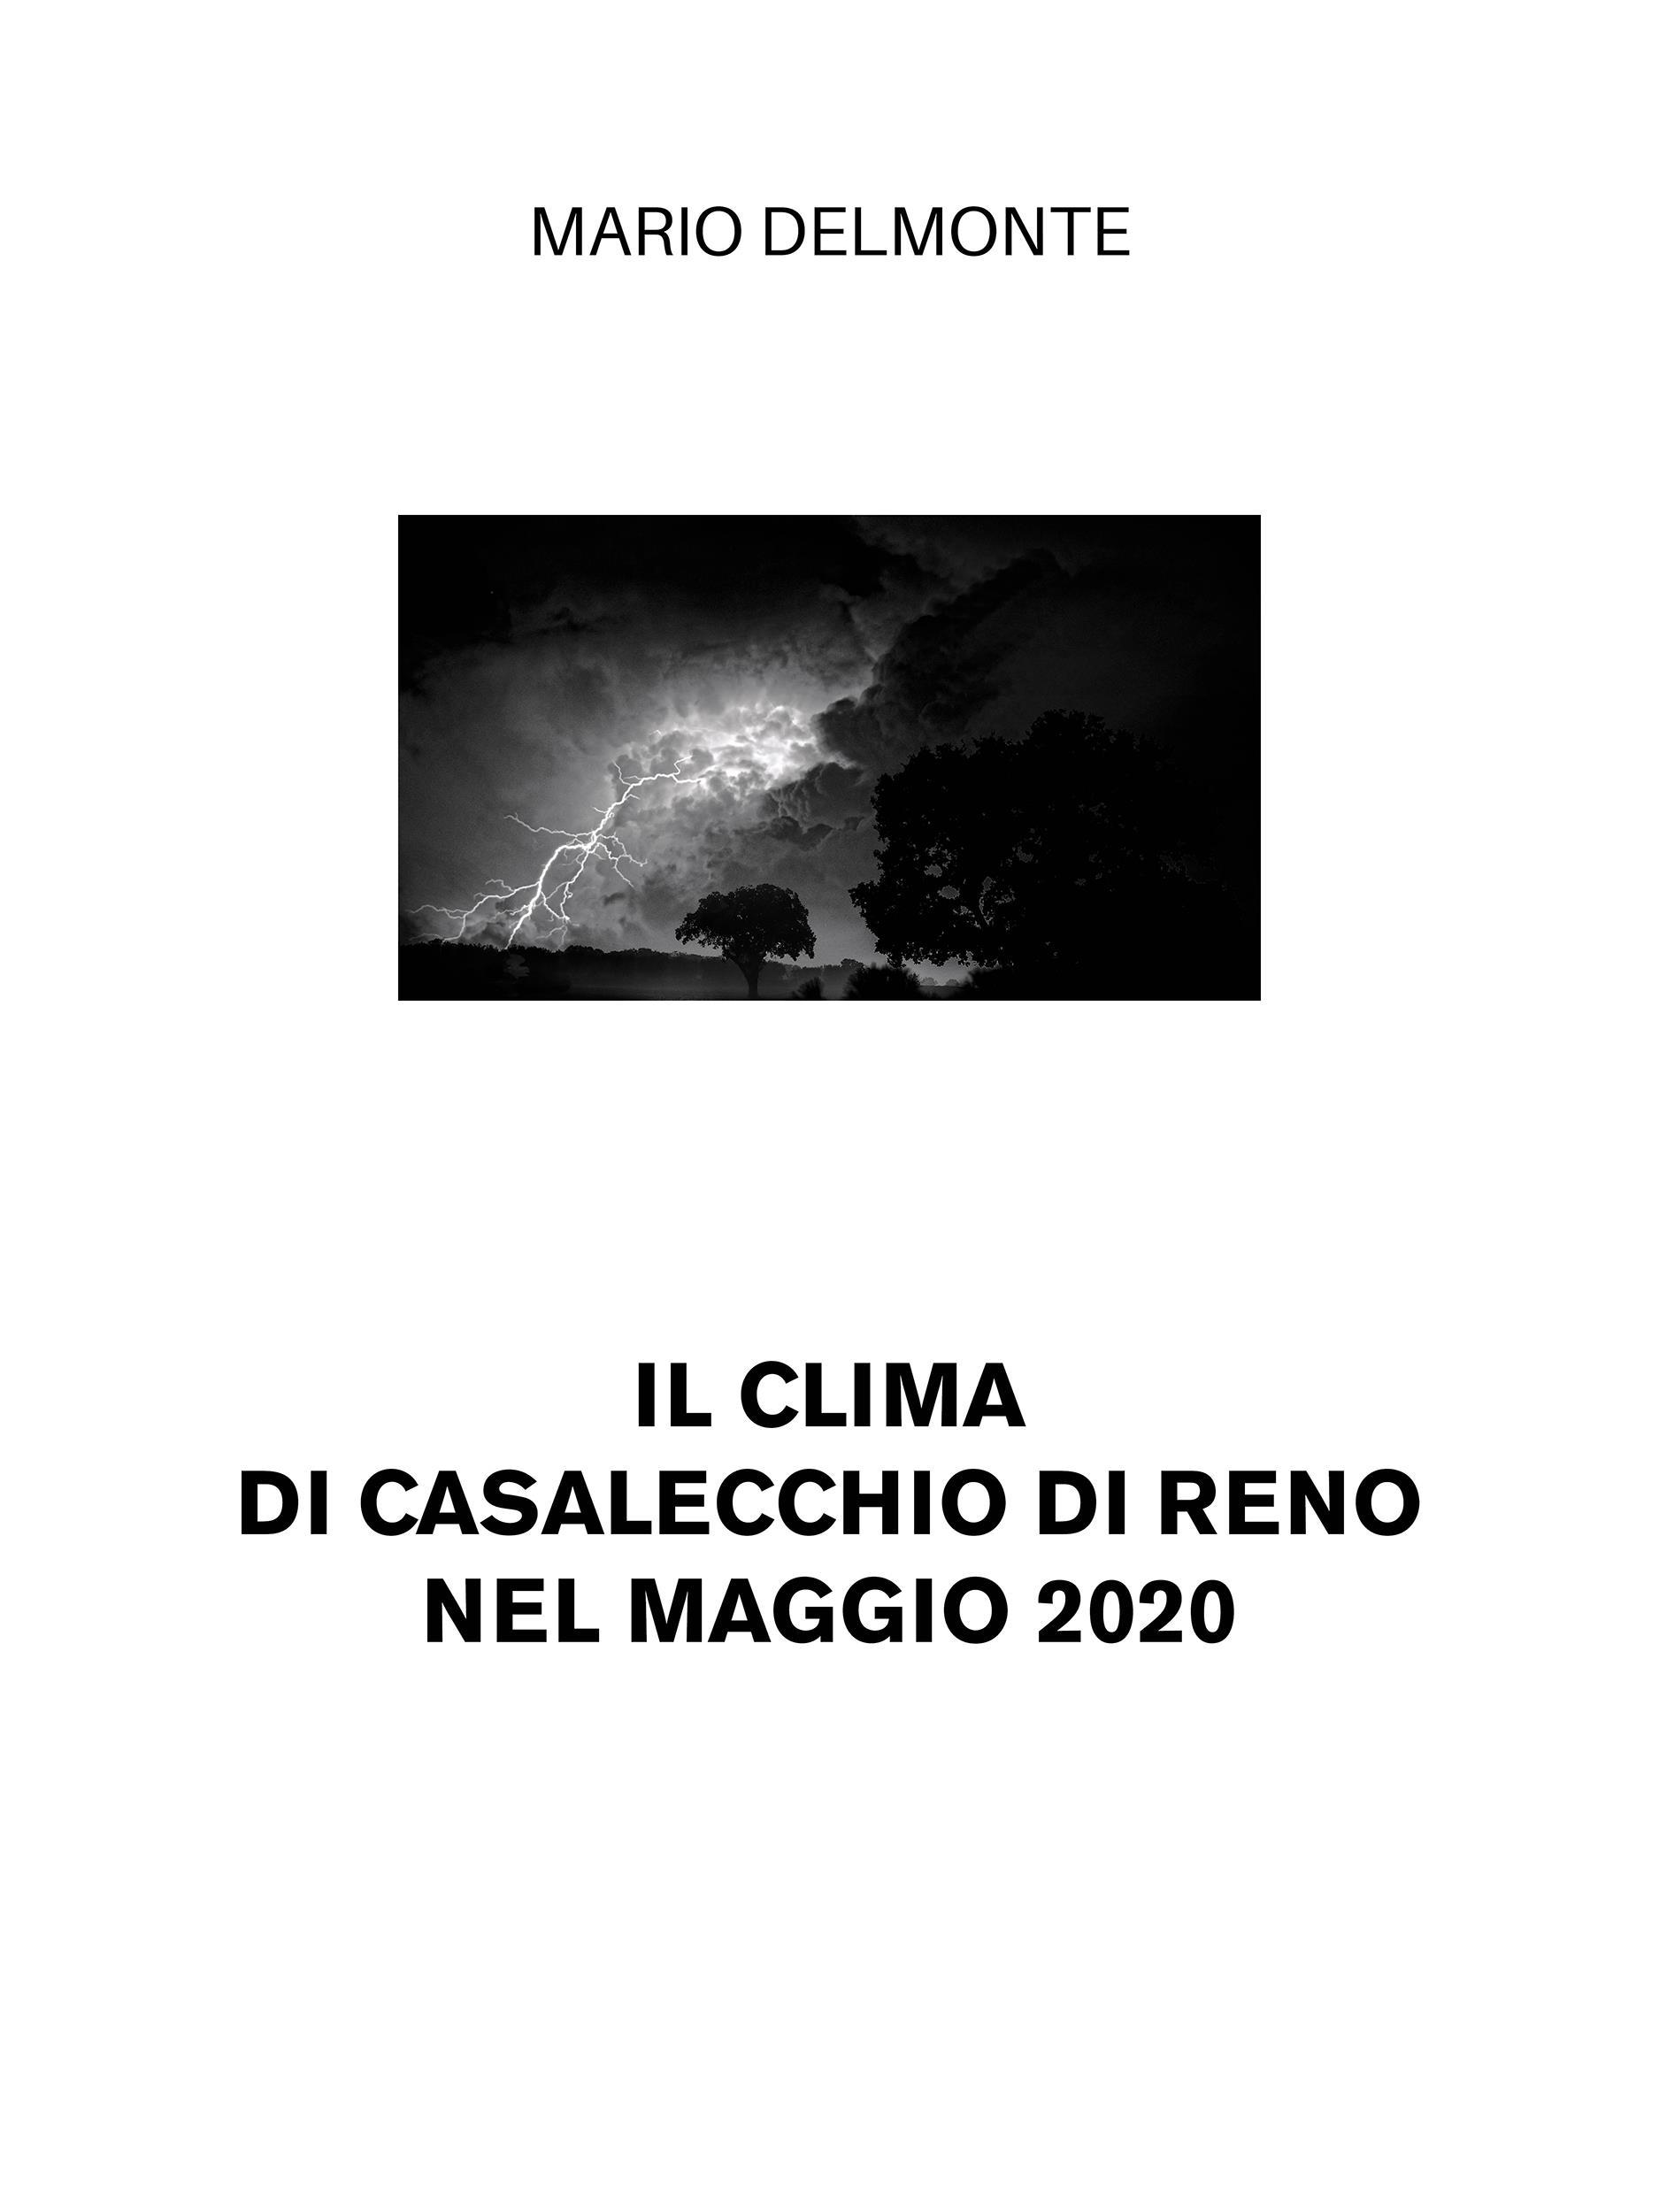 Il clima di Casalecchio di Reno nel maggio 2020